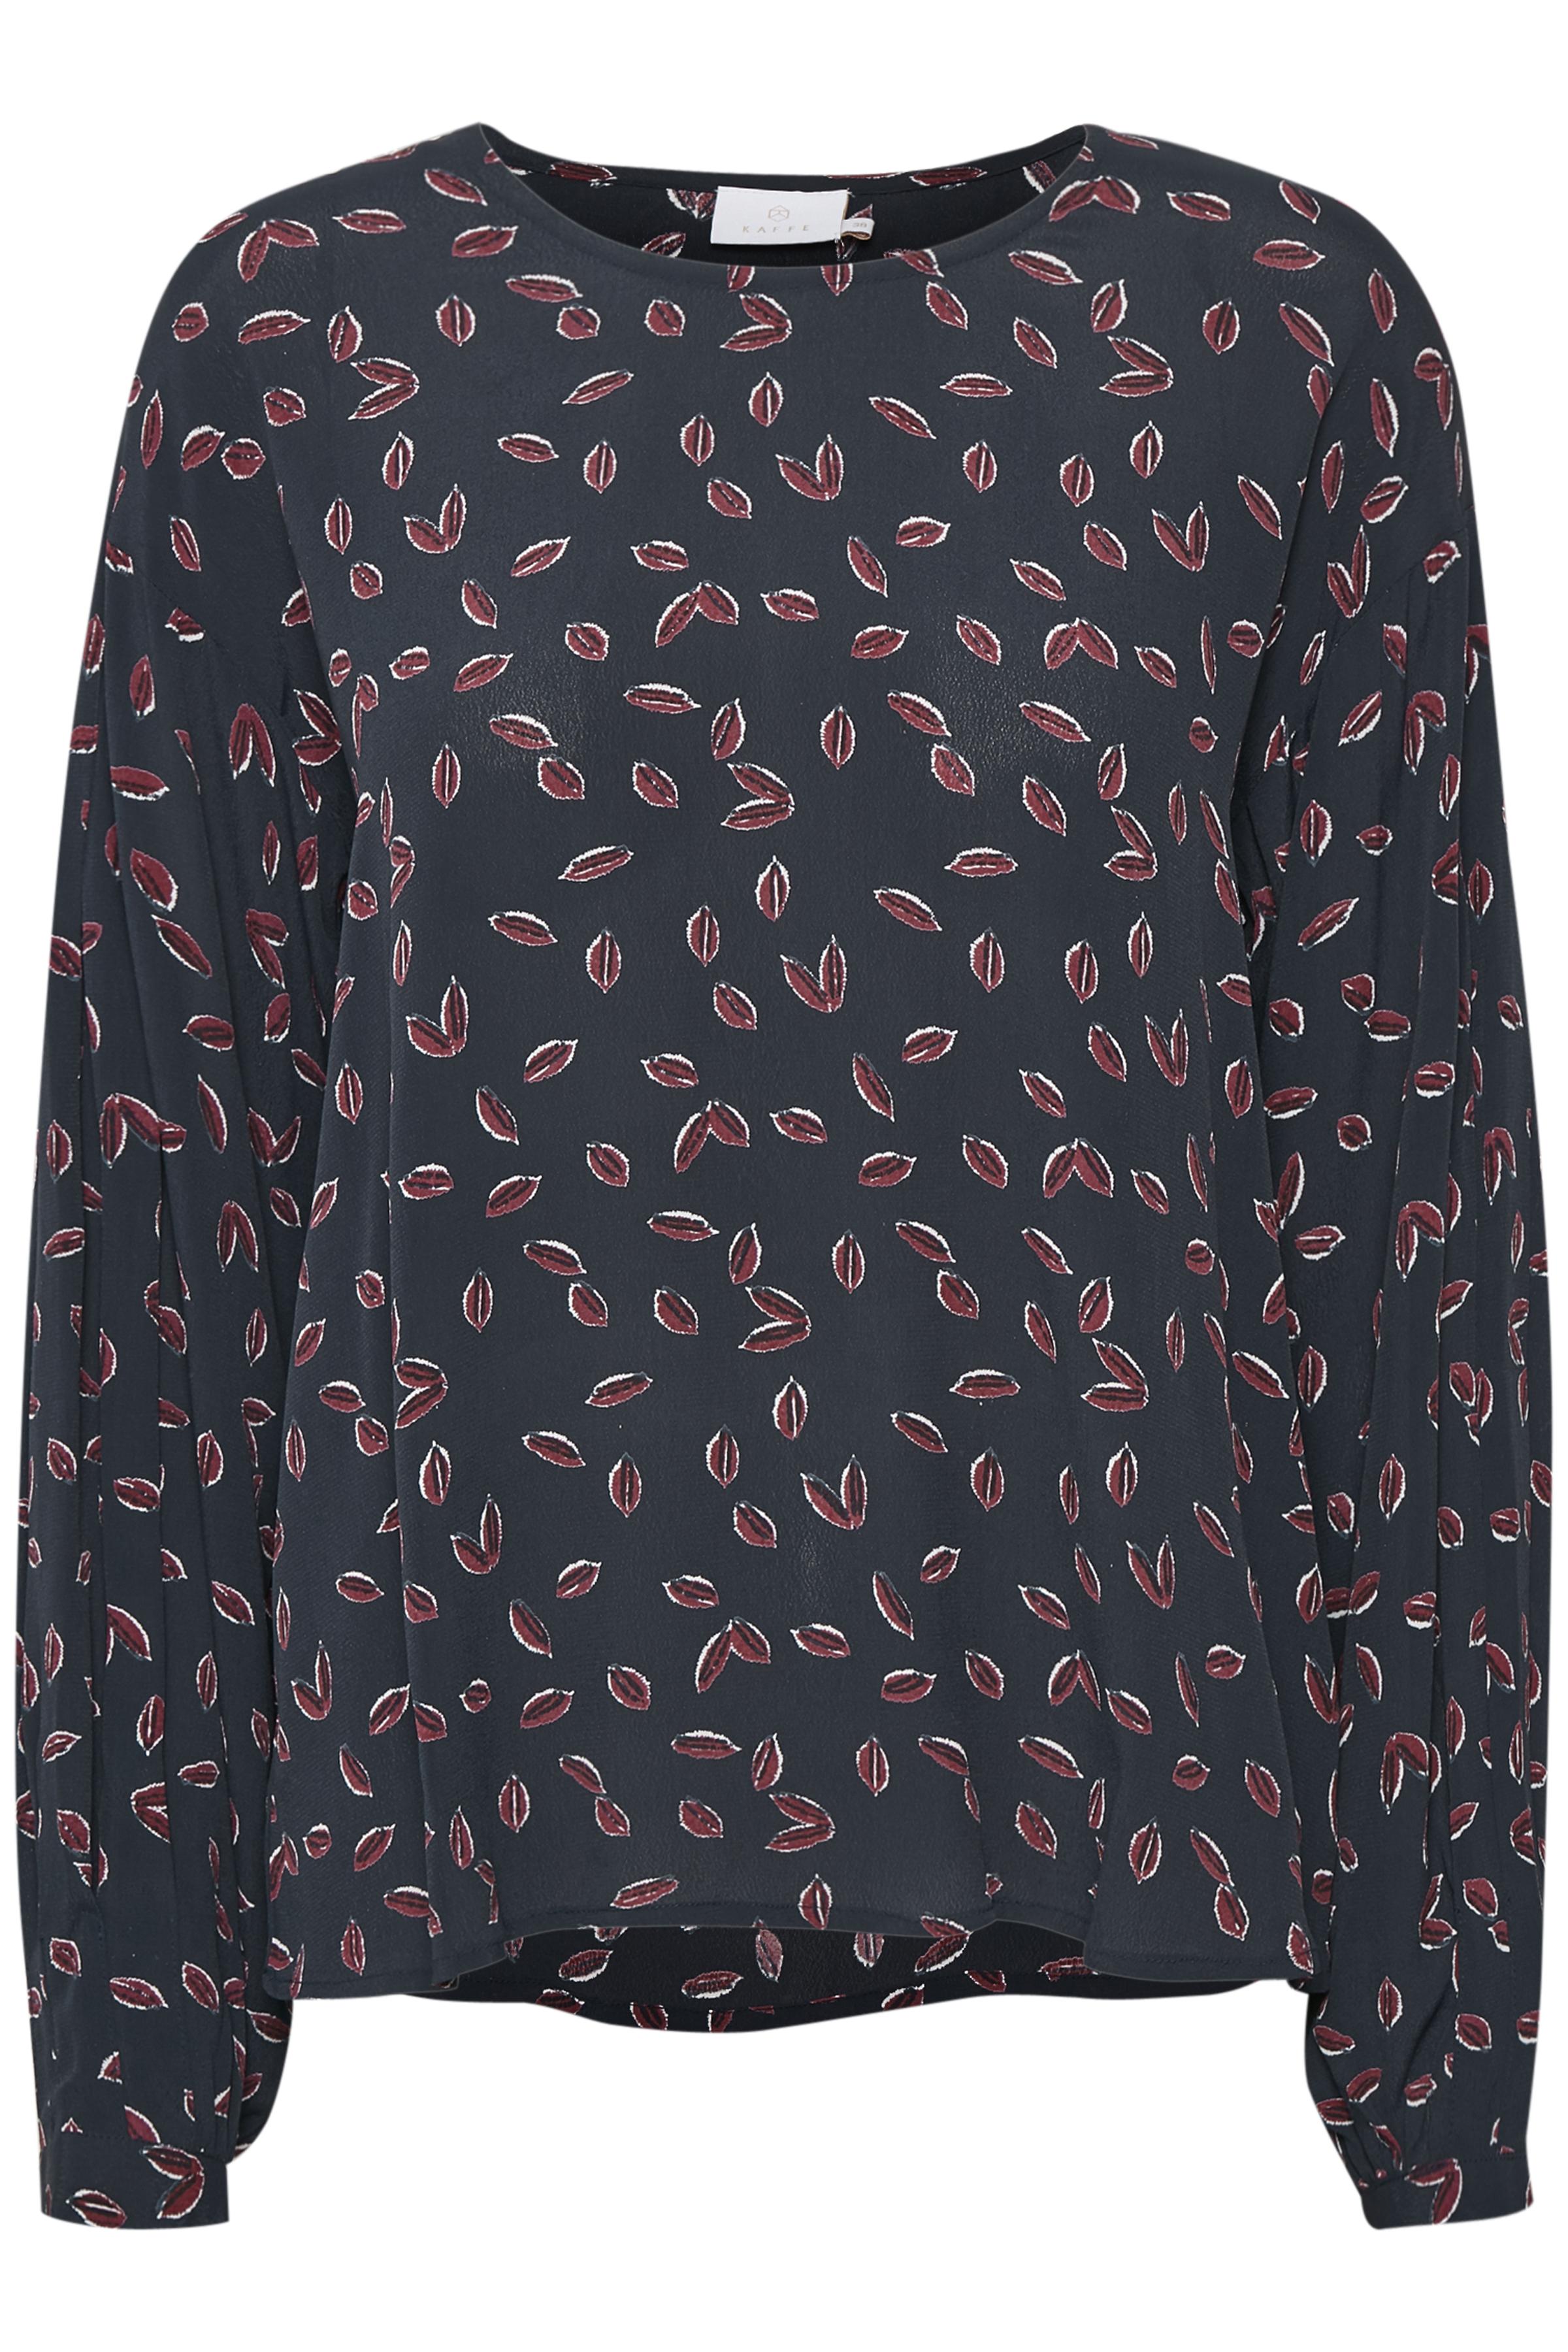 Marineblå/bordeaux Langærmet bluse fra Kaffe – Køb Marineblå/bordeaux Langærmet bluse fra str. 34-46 her